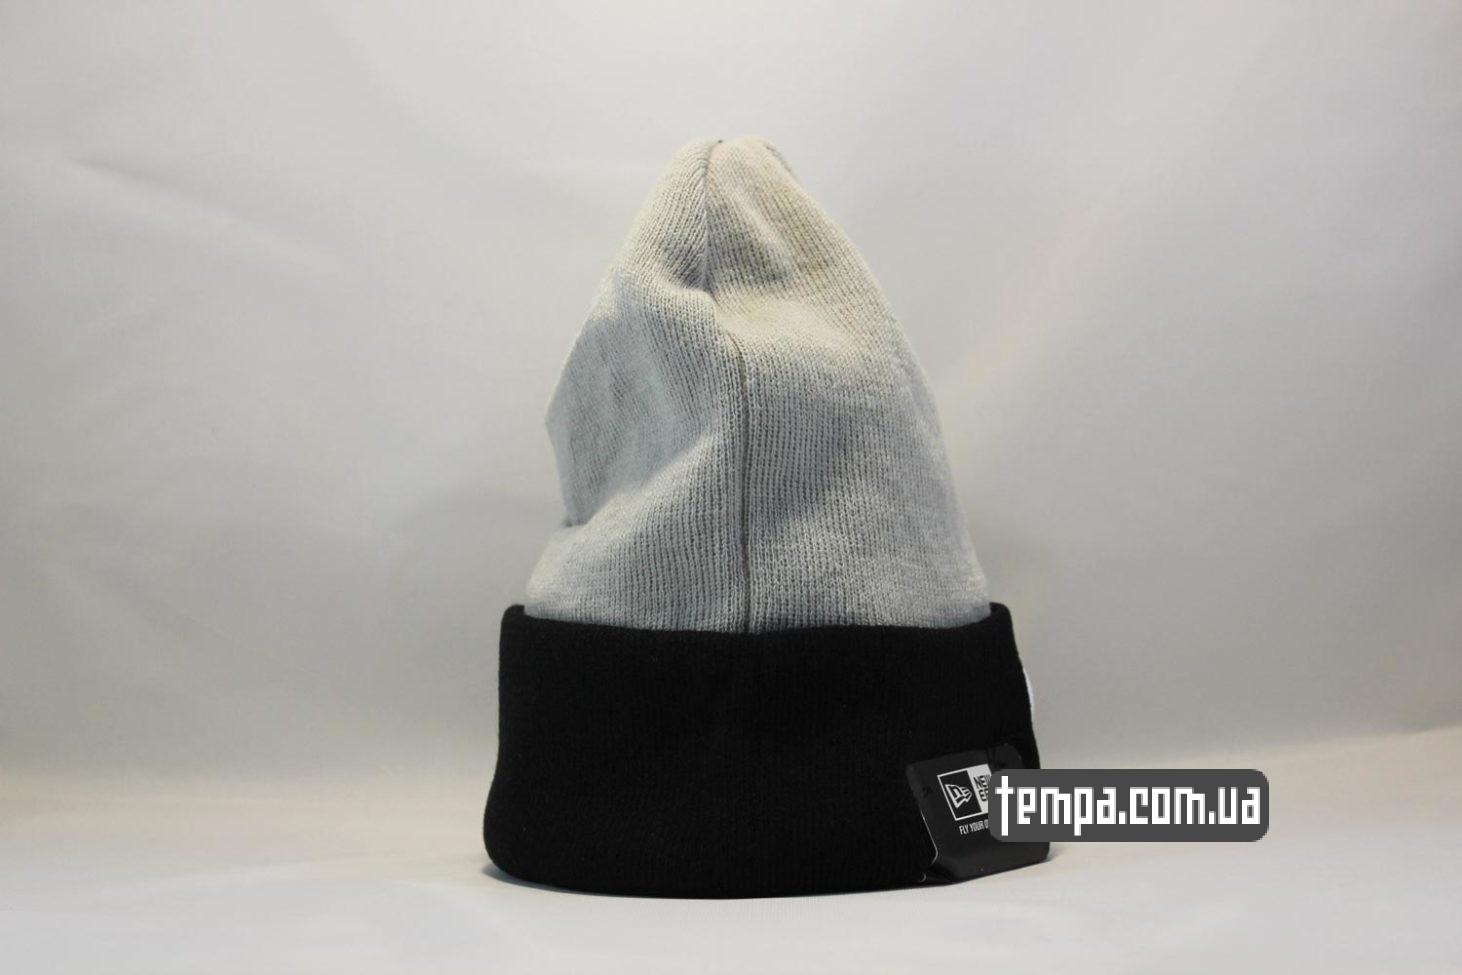 марвел одежда шапка beanie Punisher Каратель (Marvel Comics) New Era